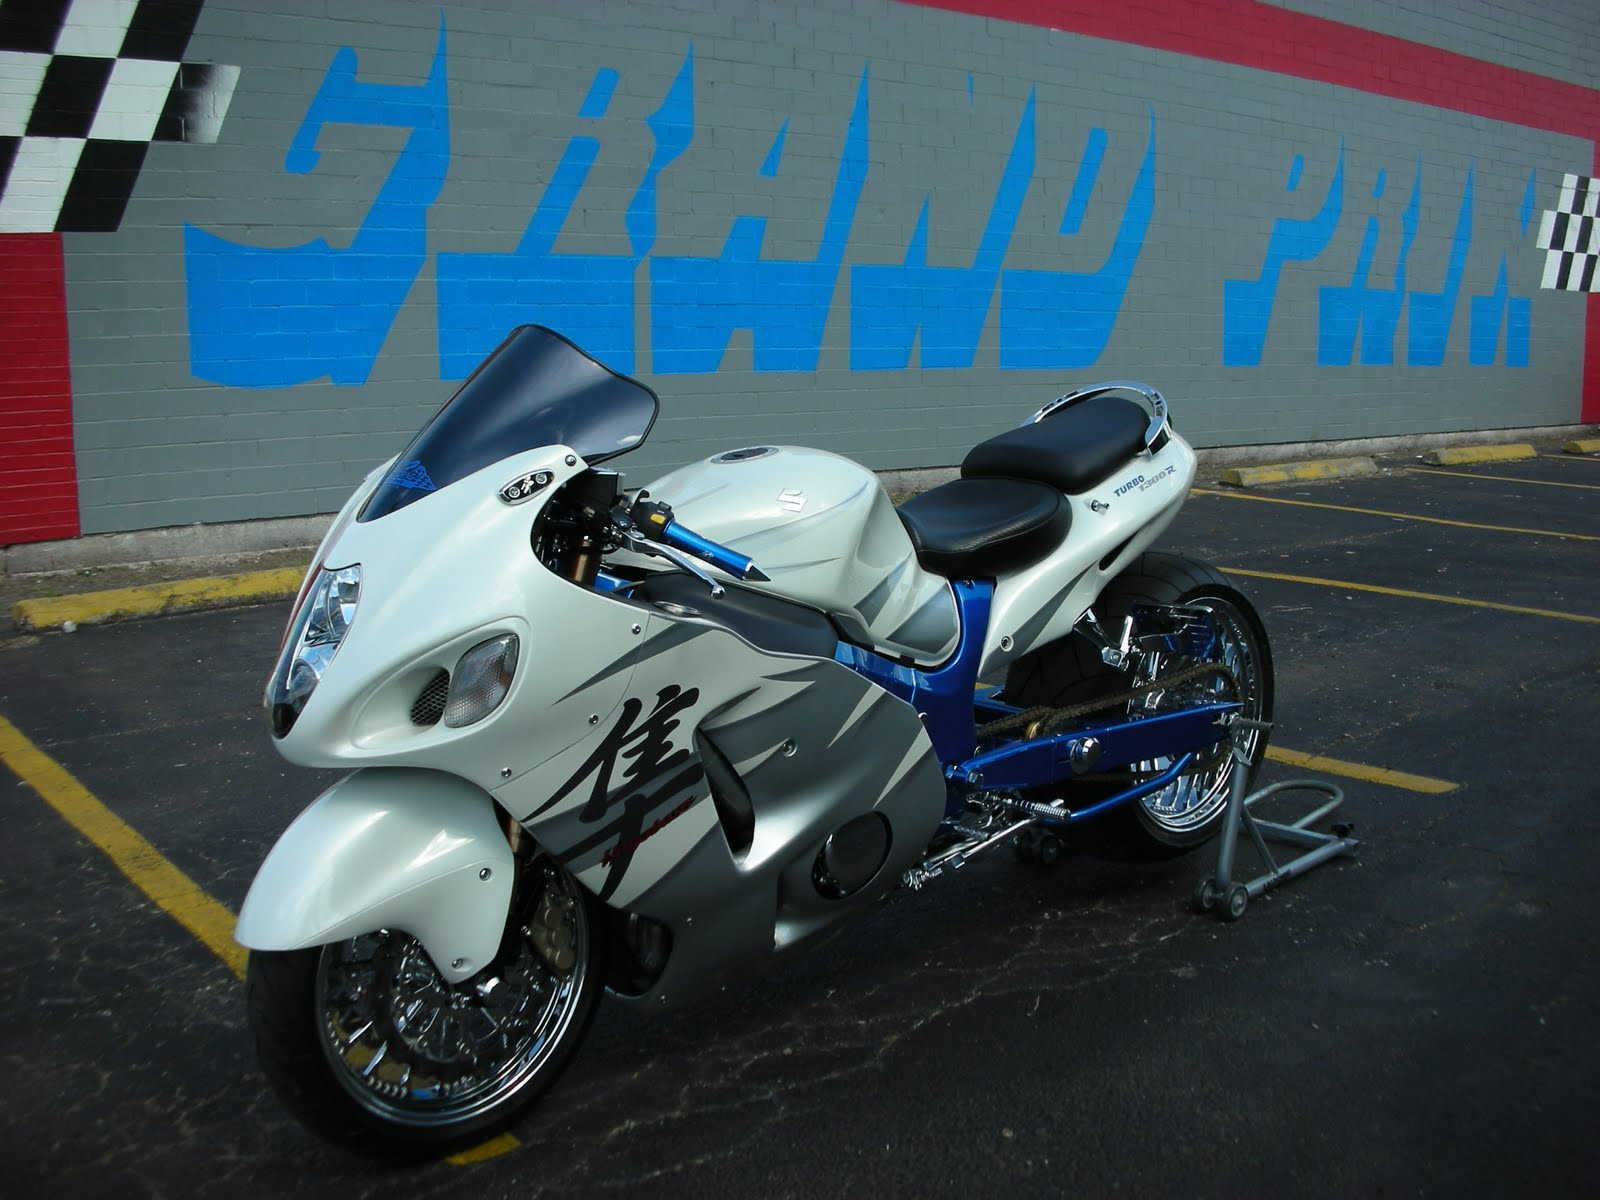 Suzuki Gsxr 600 >> Bikes World: Suzuki Hayabusa turbo